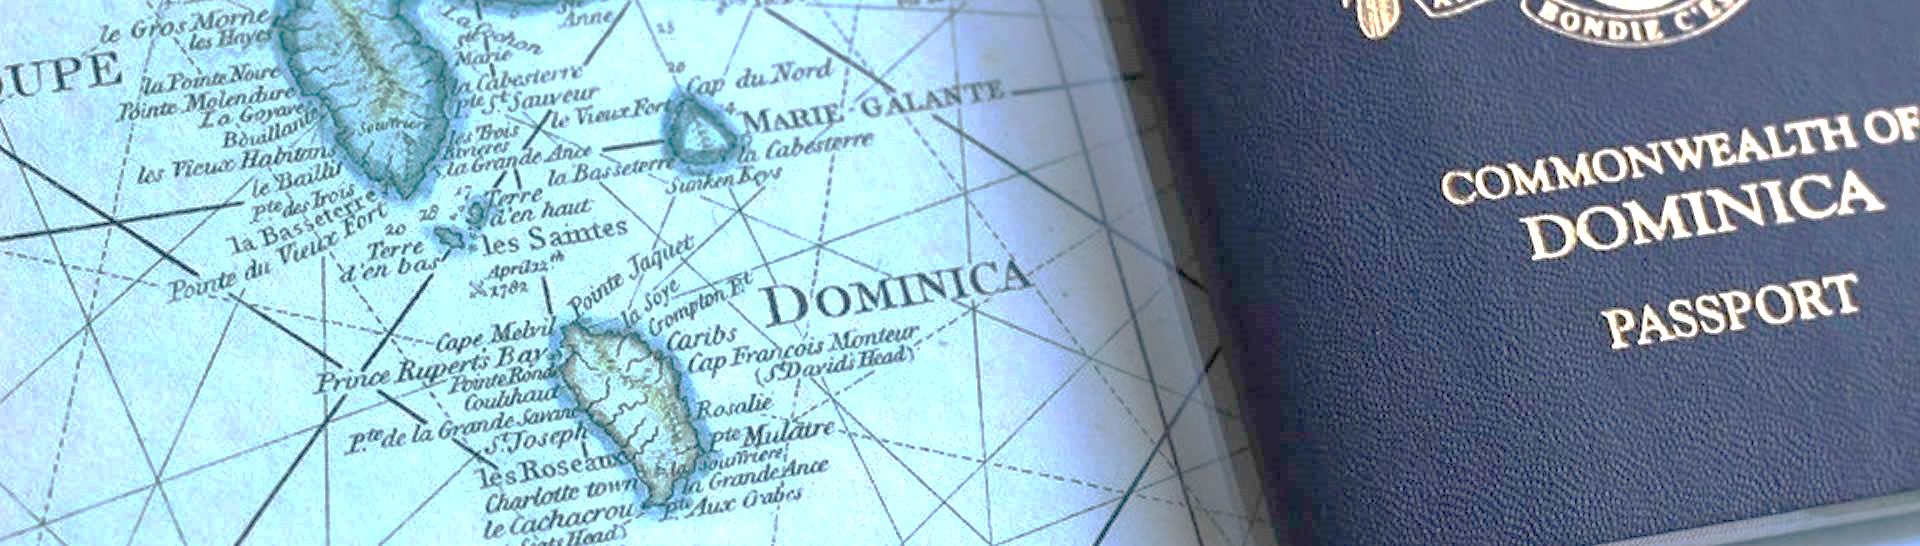 Программа получения гражданства Содружества Доминики